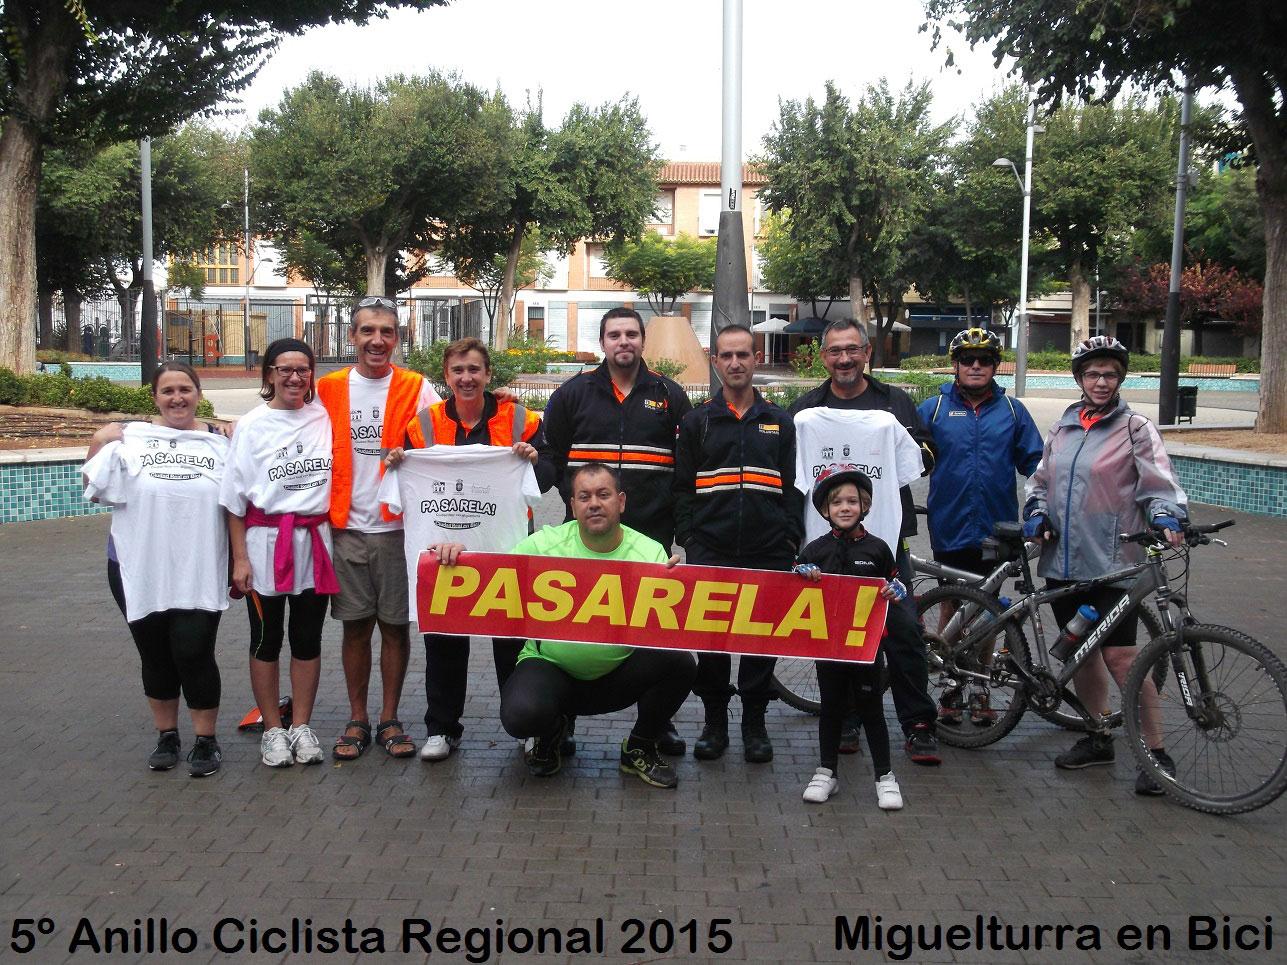 Miguelturra, Ciudad Real y Poblete unidas por el quinto anillo ciclista regional